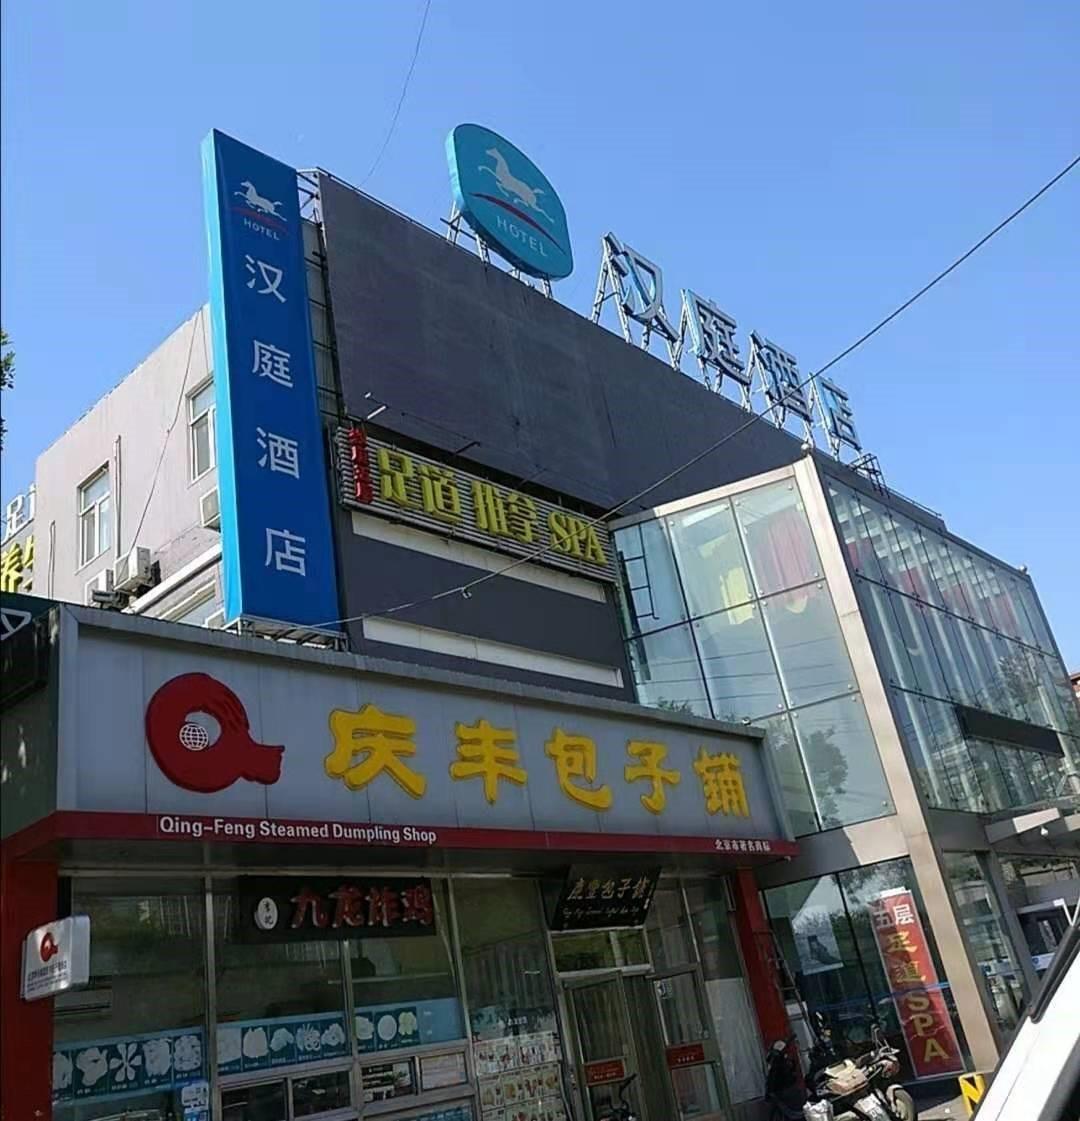 北京新增两例境外输入关联病例,朝阳区疾控中心:紧急寻找庆丰包子铺就餐人员